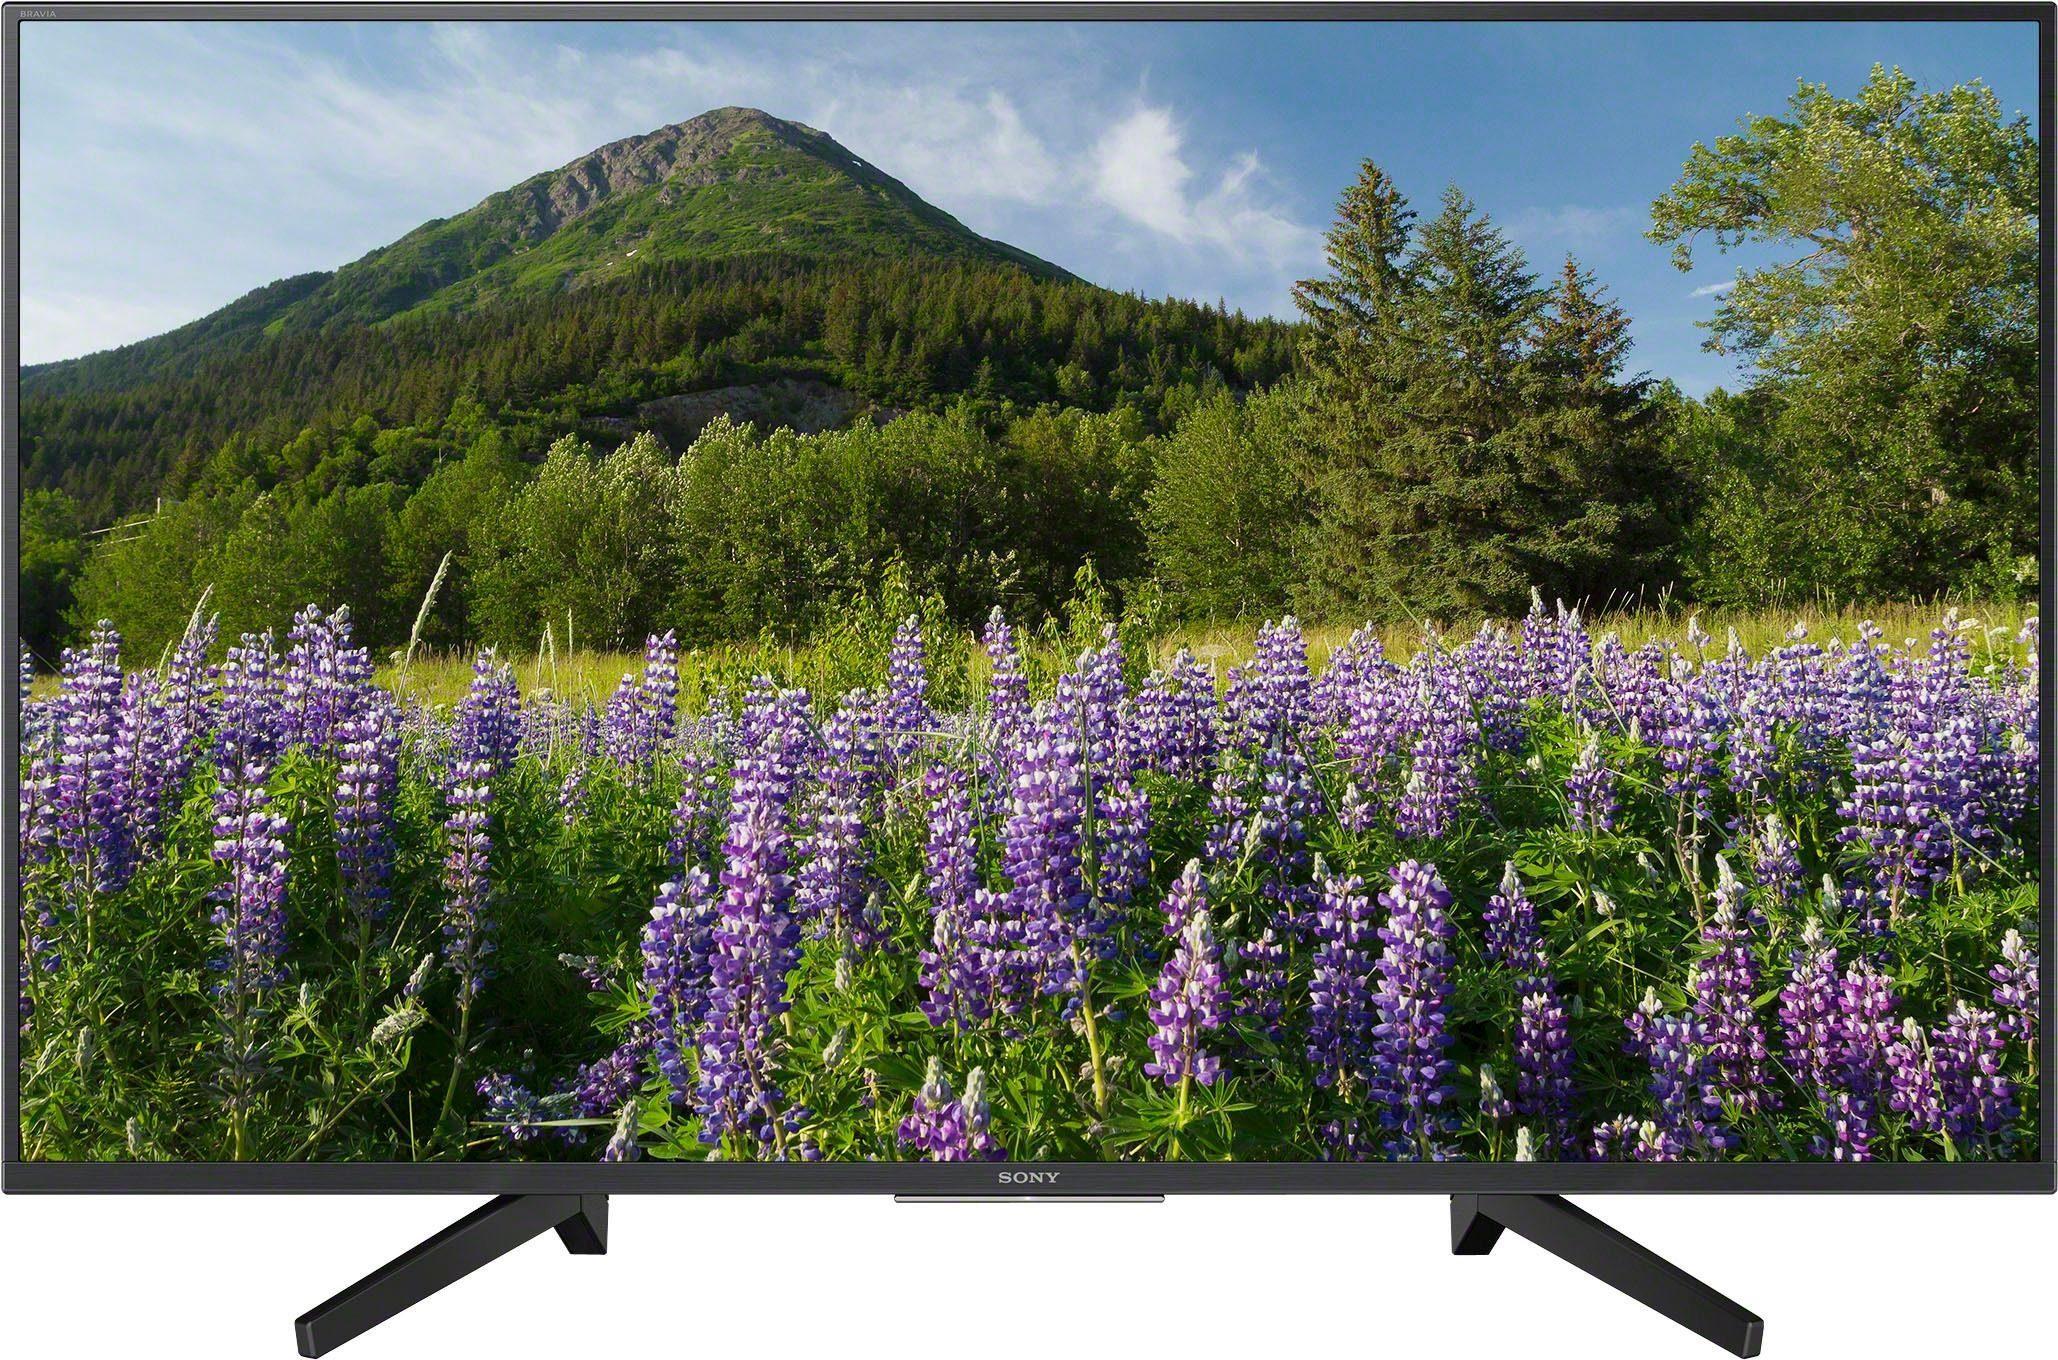 Sony KD65XF7004 LED-Fernseher (65 Zoll, 4K Ultra HD, Smart-TV)